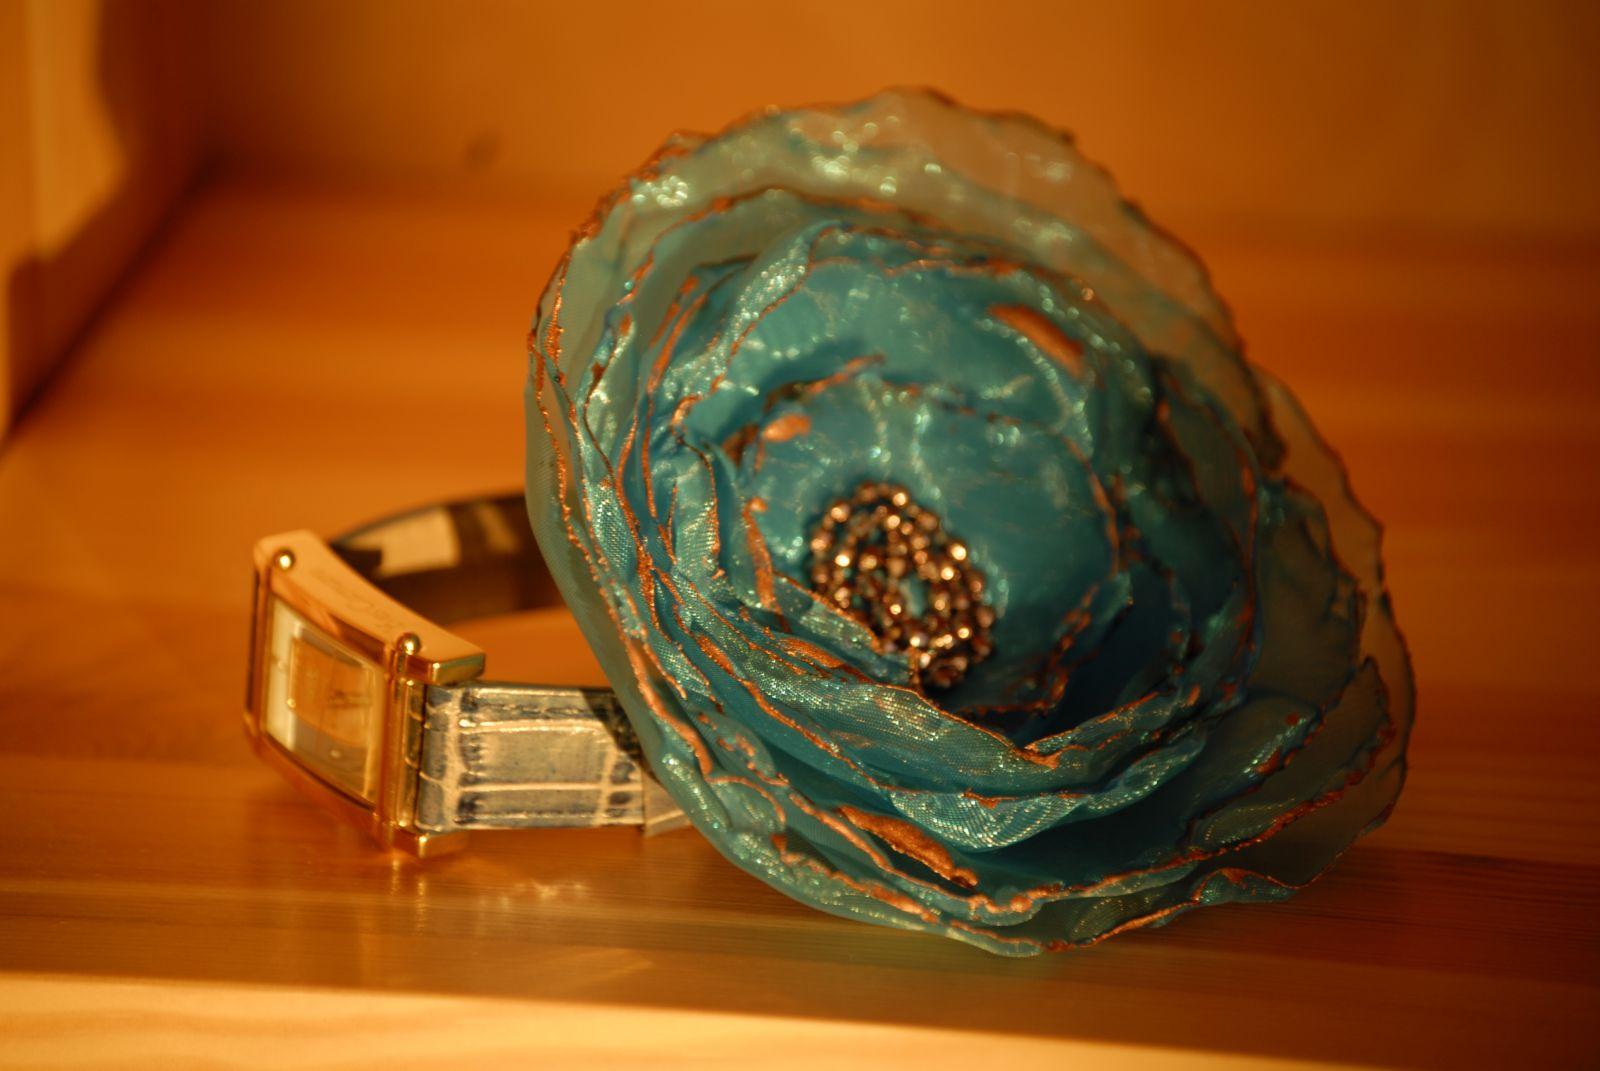 A self-made broach - flower